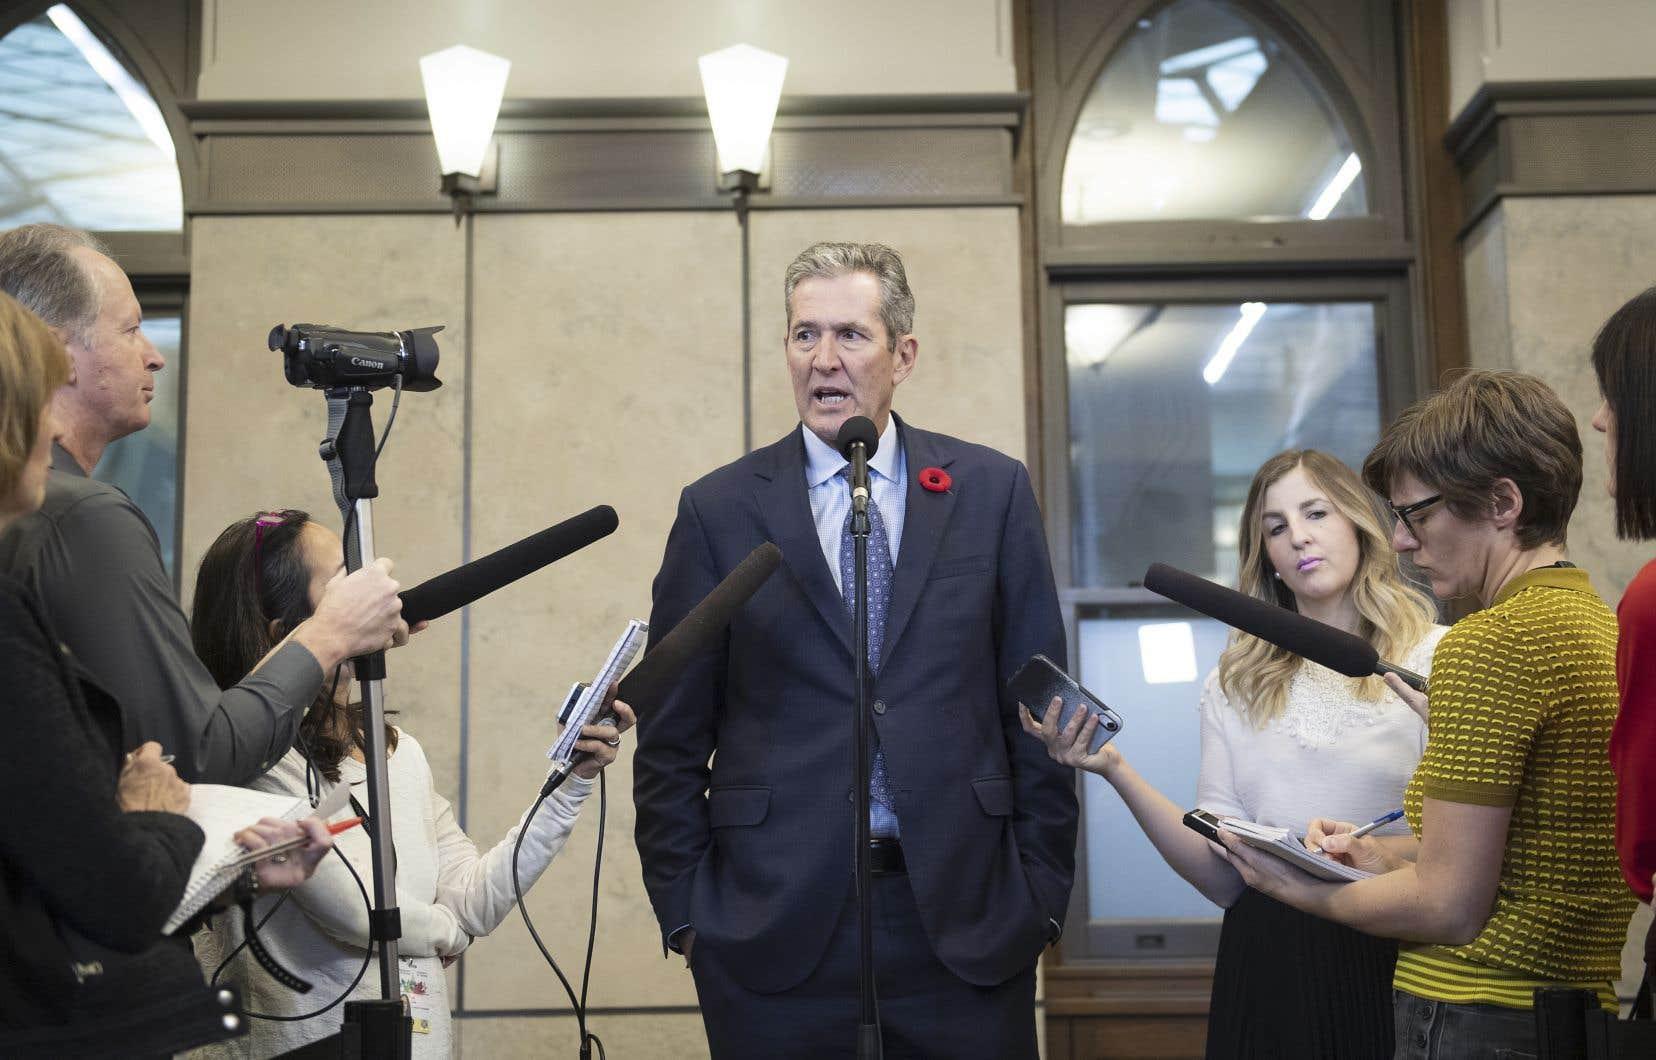 Le premier ministre manitobain, Brian Pallister, a braqué son homologue québécois, François Legault, en lançant une campagne contre la Loi sur la laïcité de l'État dans les journaux québécois.